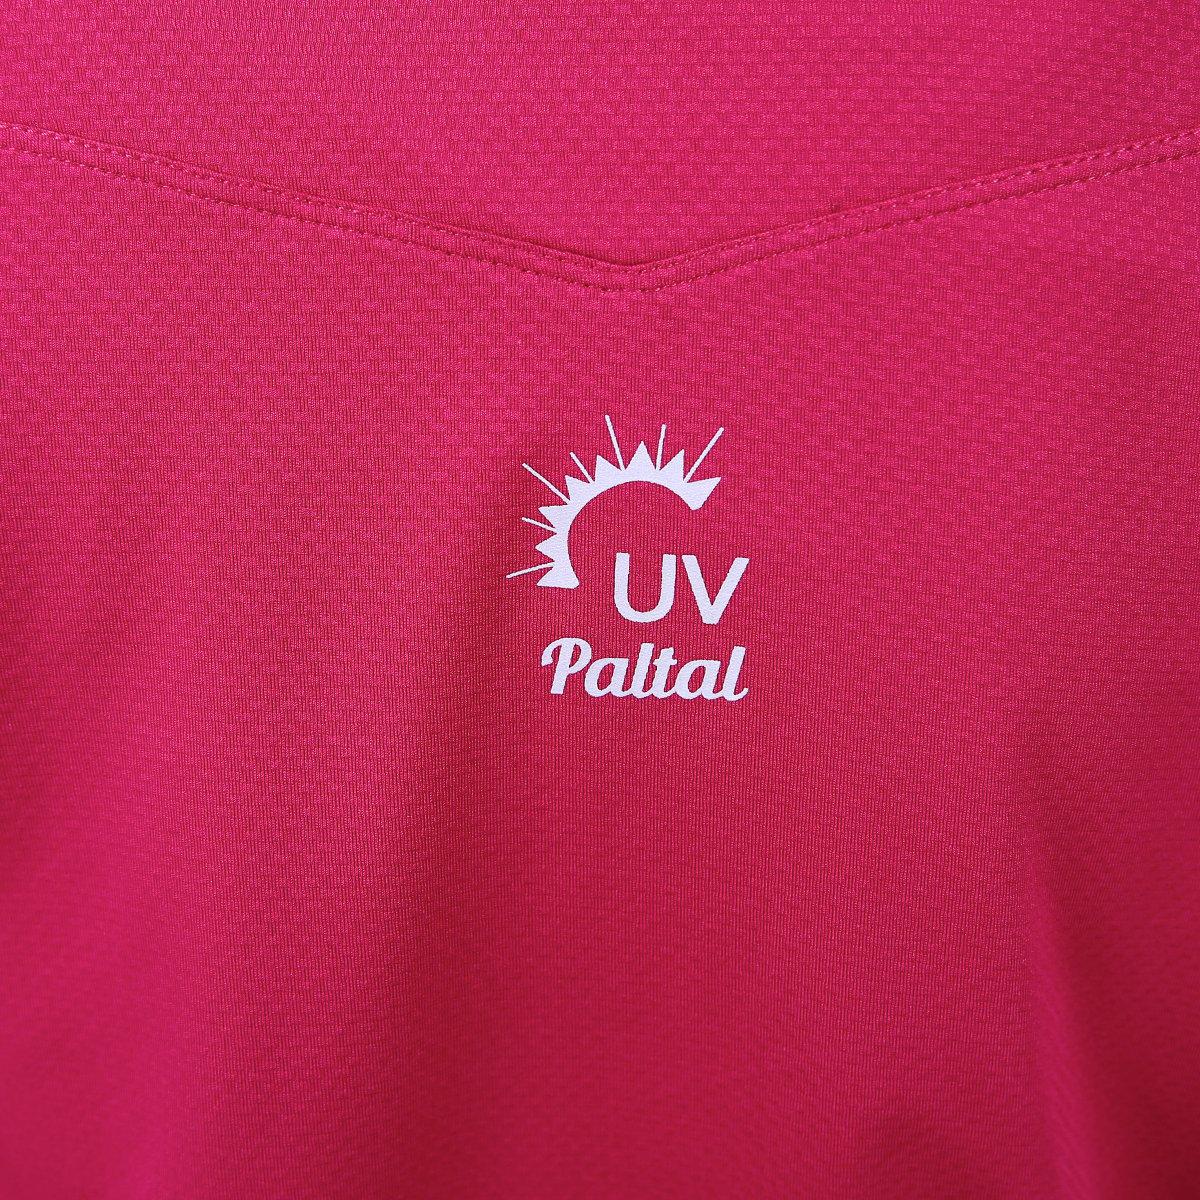 Áo Khoác Cao Cấp Có Nón Chống Tia Tử Ngoại UV Paltal AKCN 311P 1035